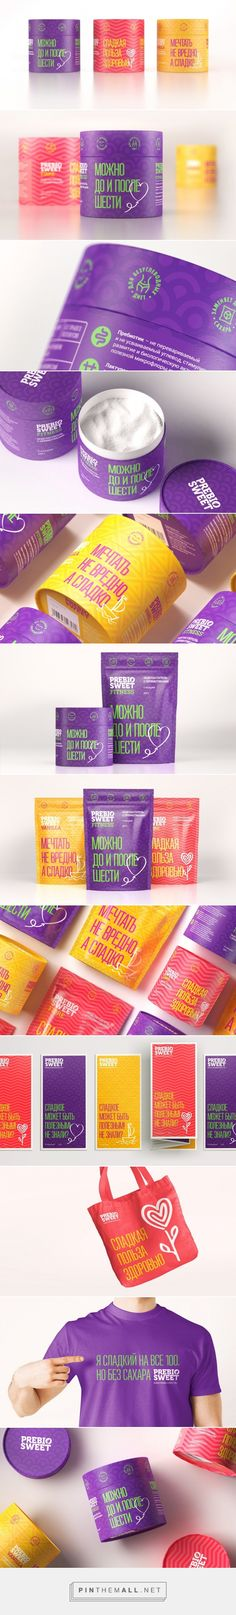 PrebioSweet Sweetener packaging design by Wunderbar (Russia) - http://www.packagingoftheworld.com/2016/06/prebiosweet.html